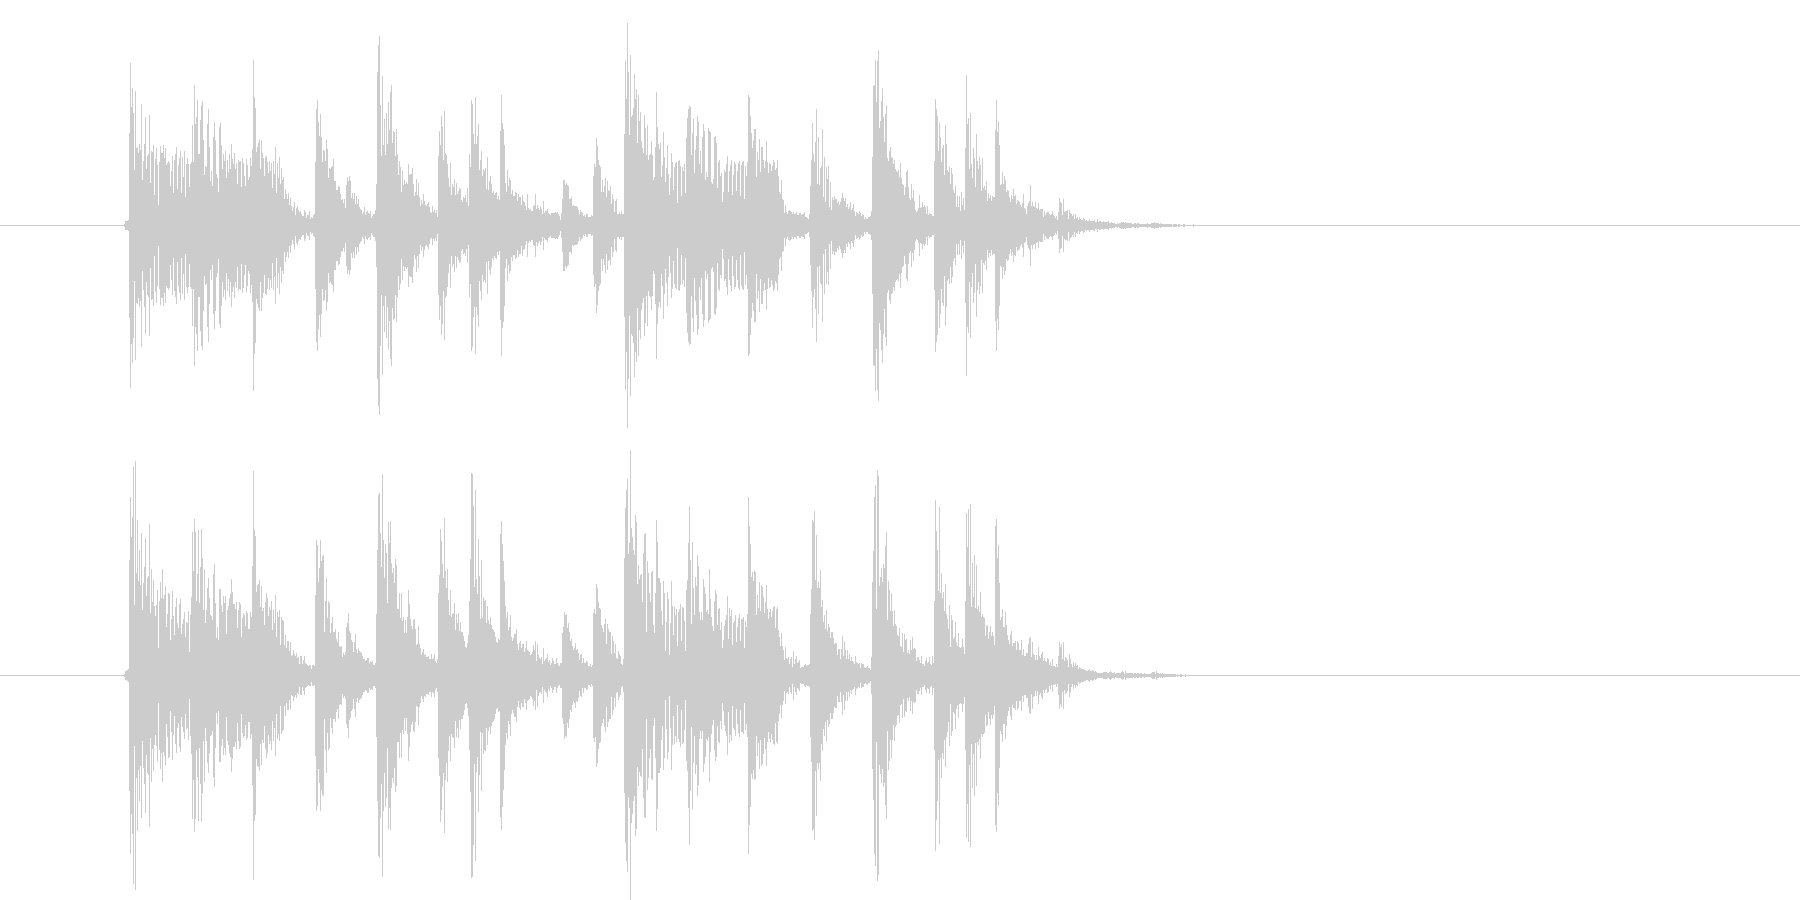 アップテンポなテクノミュージックの未再生の波形